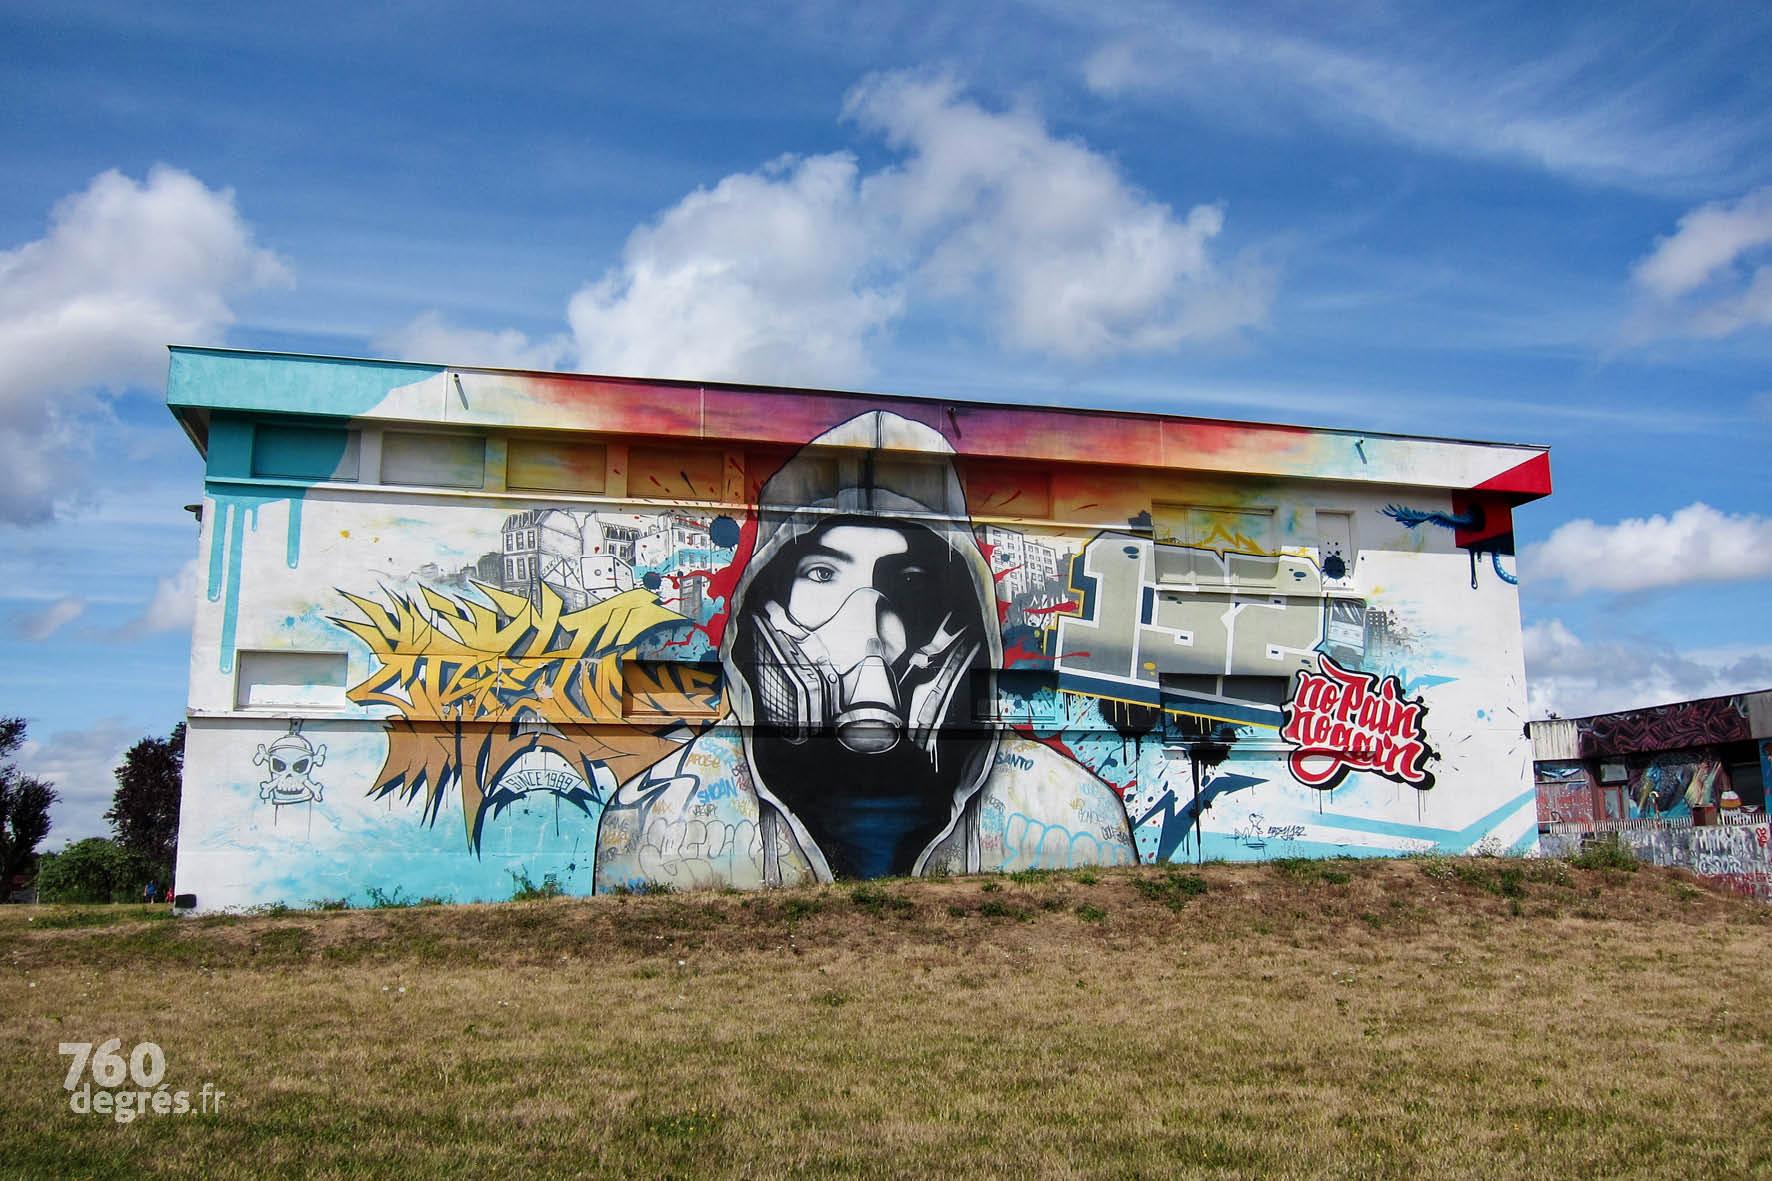 CREY ONE (France) - Tous les symboles du street art sont représentés dans cette œuvre d'un pionnier des années 80, vainqueur du prix du graffiti 2016 : le graffeur avec son sweat à capuche et son masque, les tags, les immeubles, le lettrage, le métro…